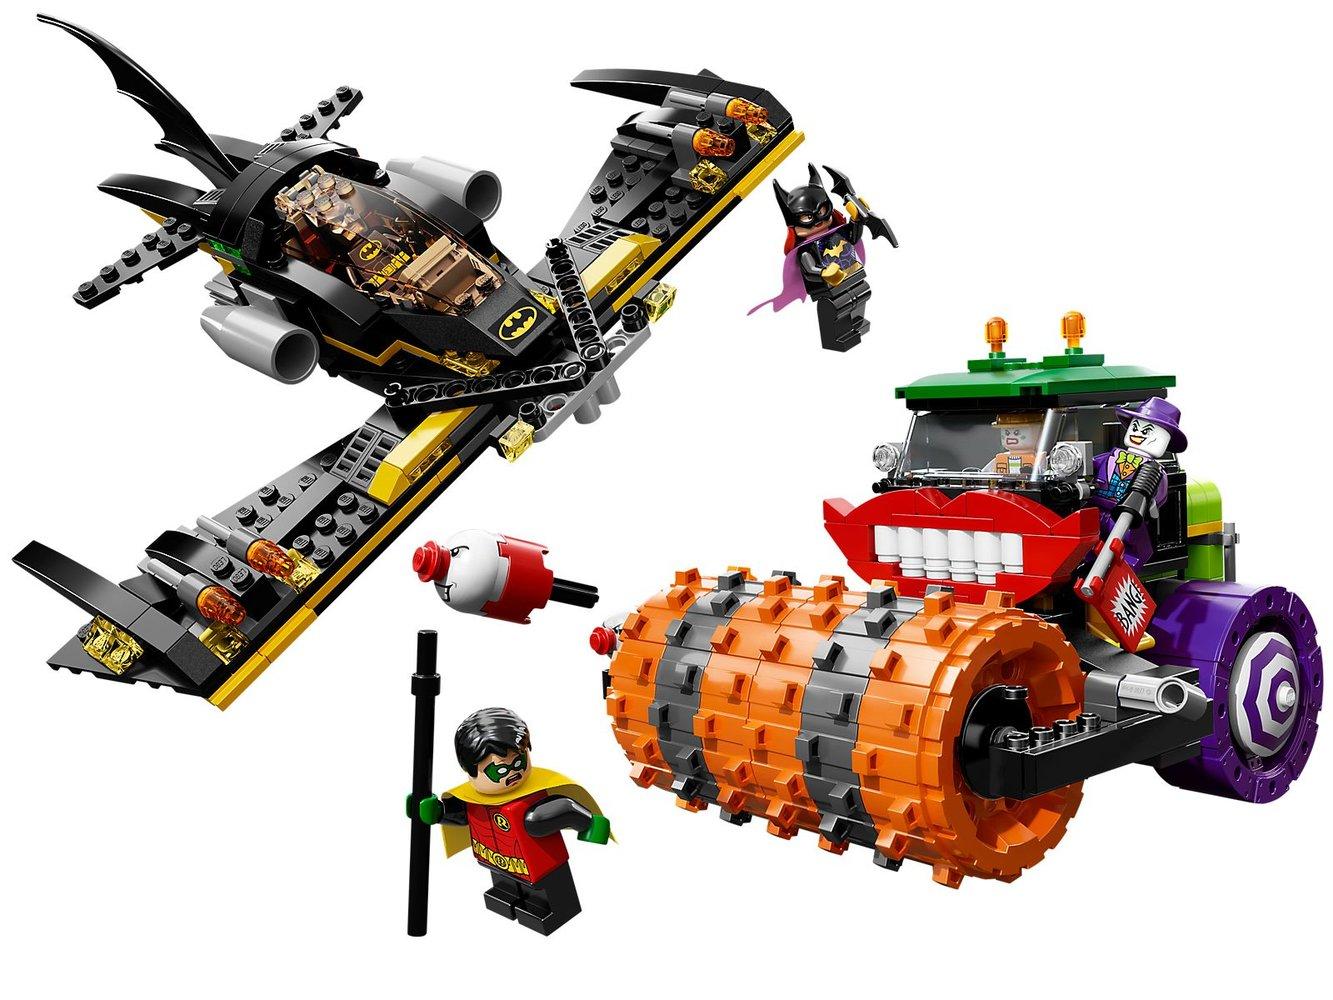 Batman: The Joker Steam Roller